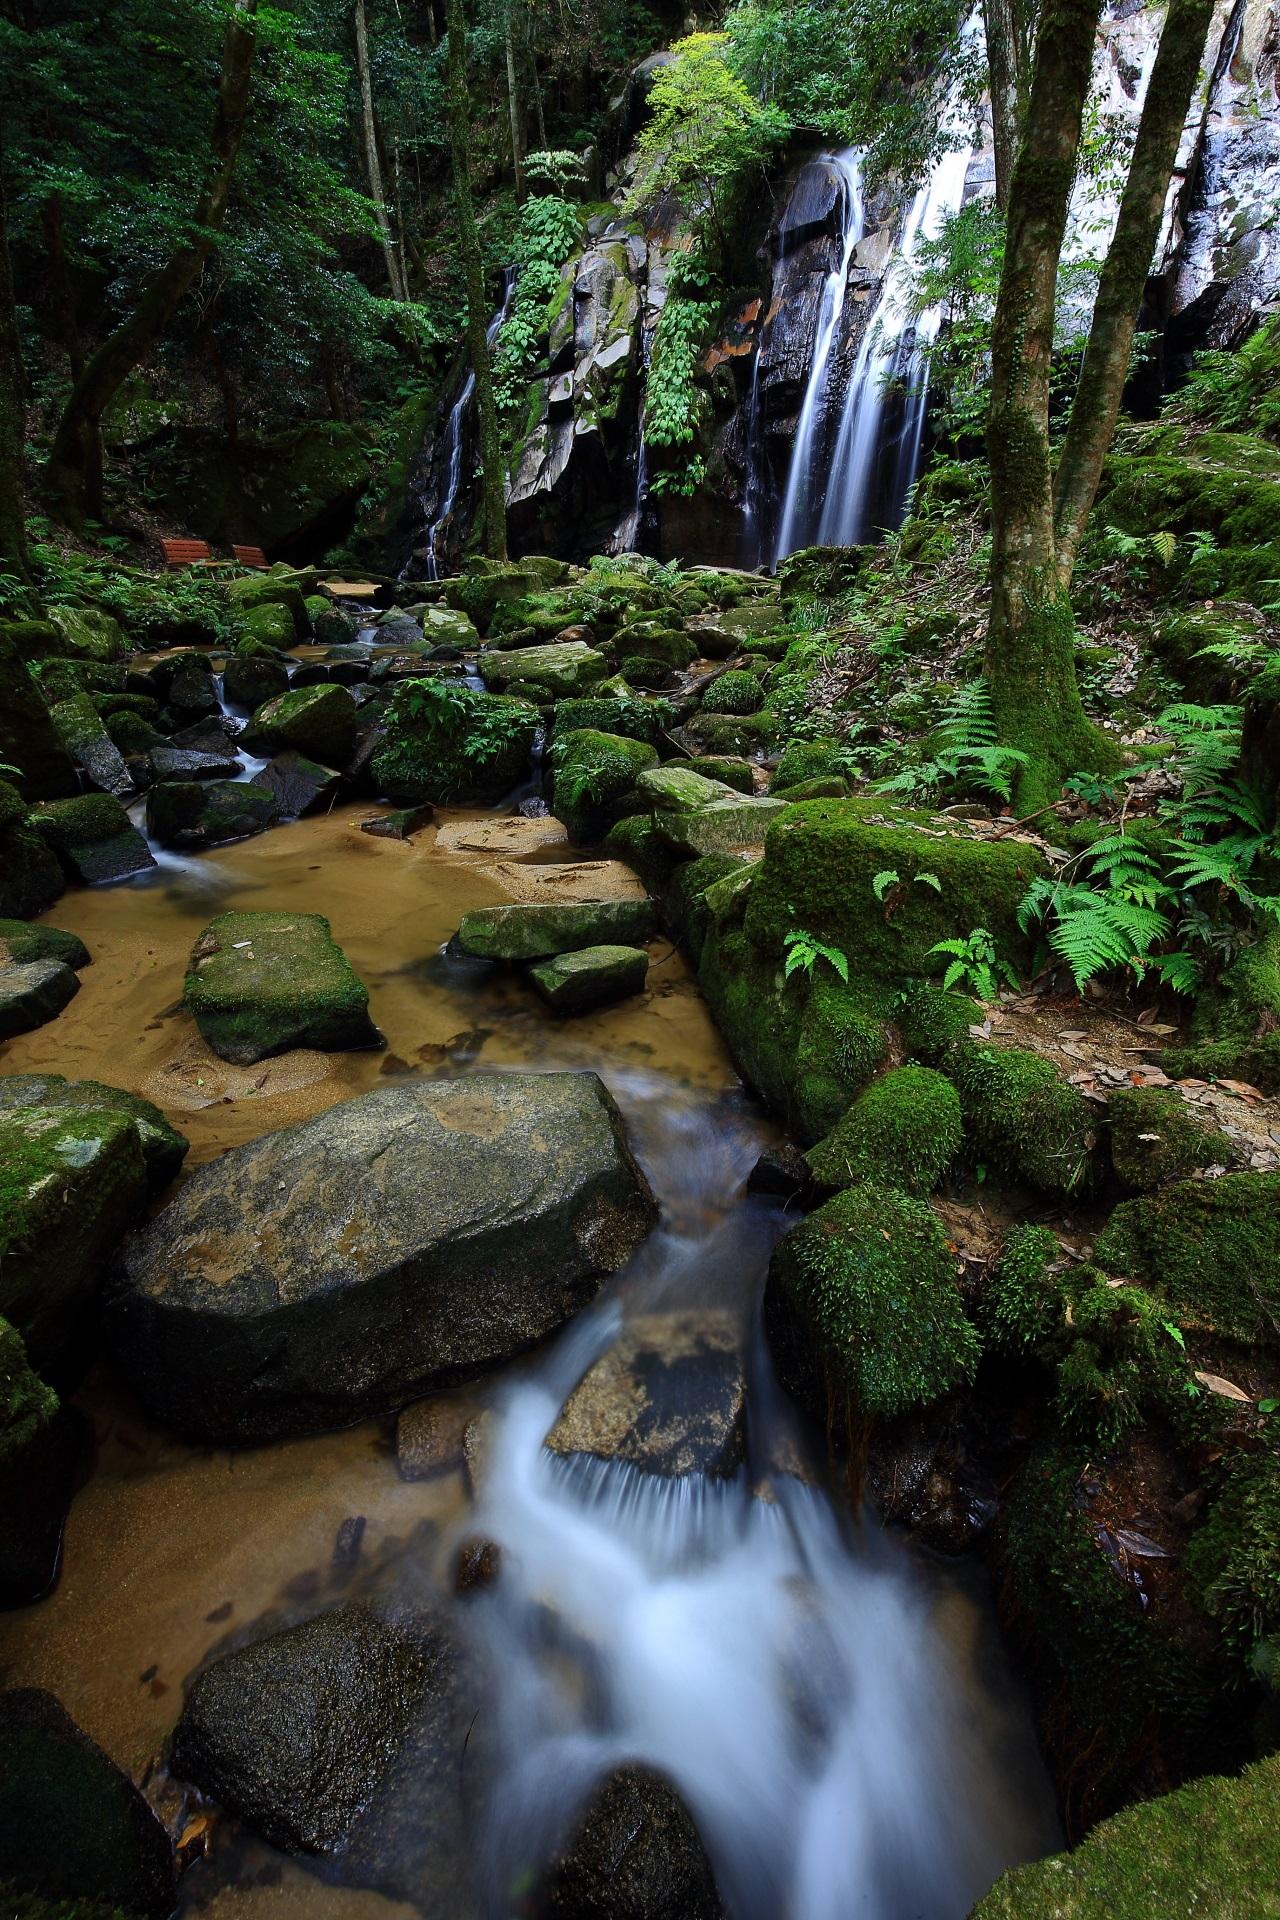 金引の滝と美しい水の流れ